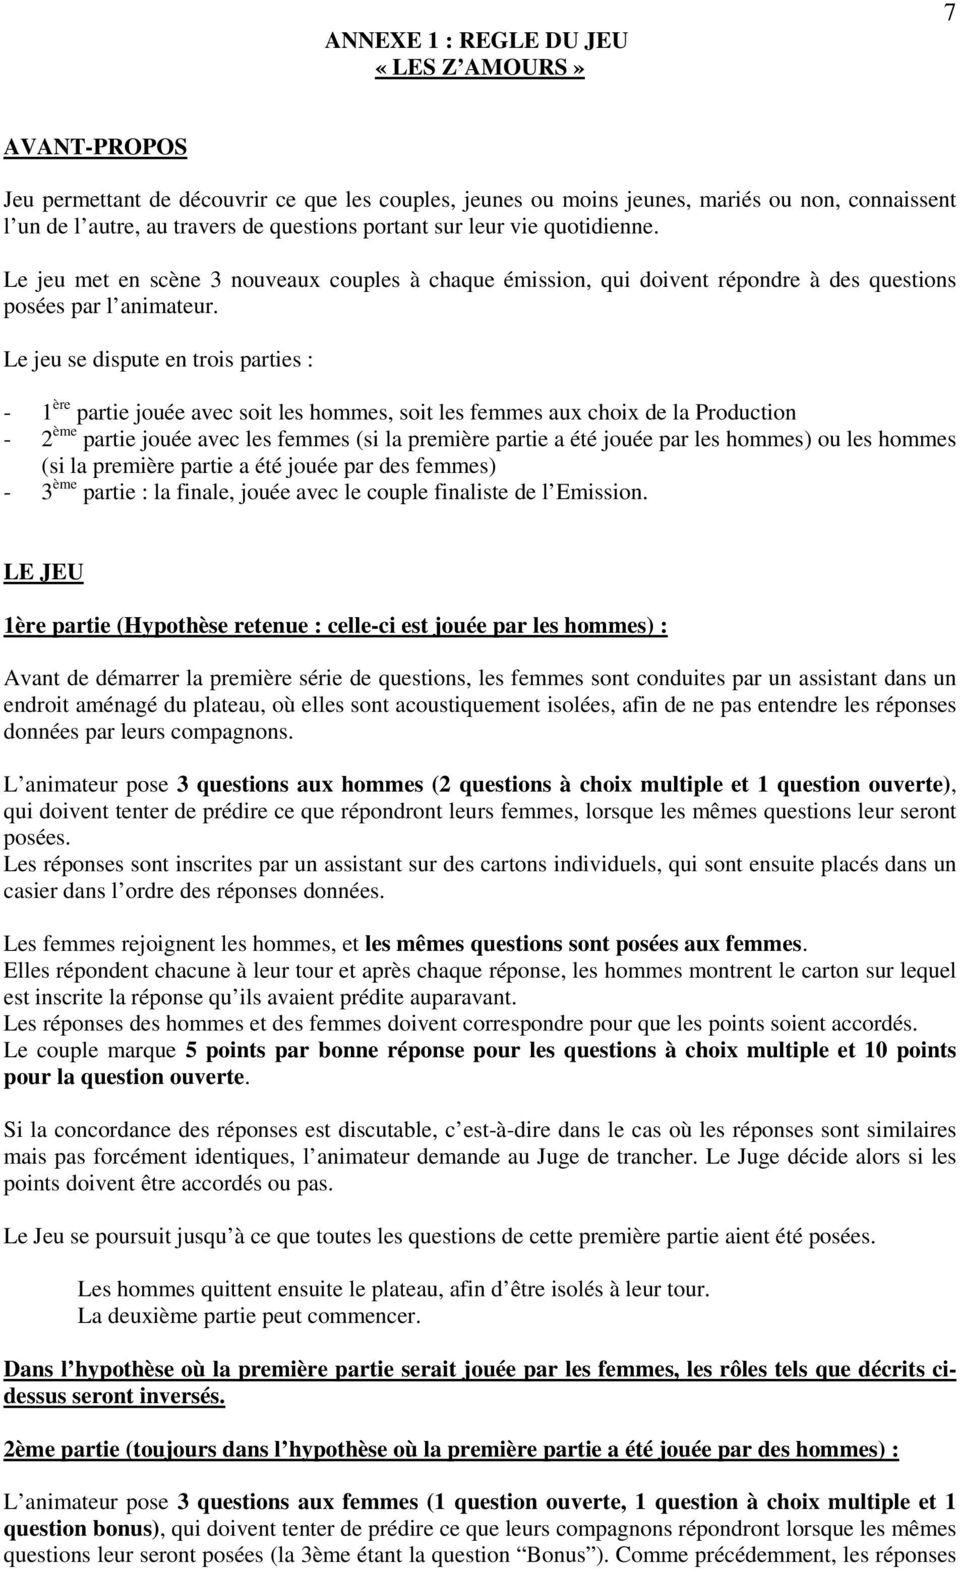 Règlement Du Jeu Télévisé: Les Z Amours - Pdf Free Download dedans Jeux Avec Des Questions